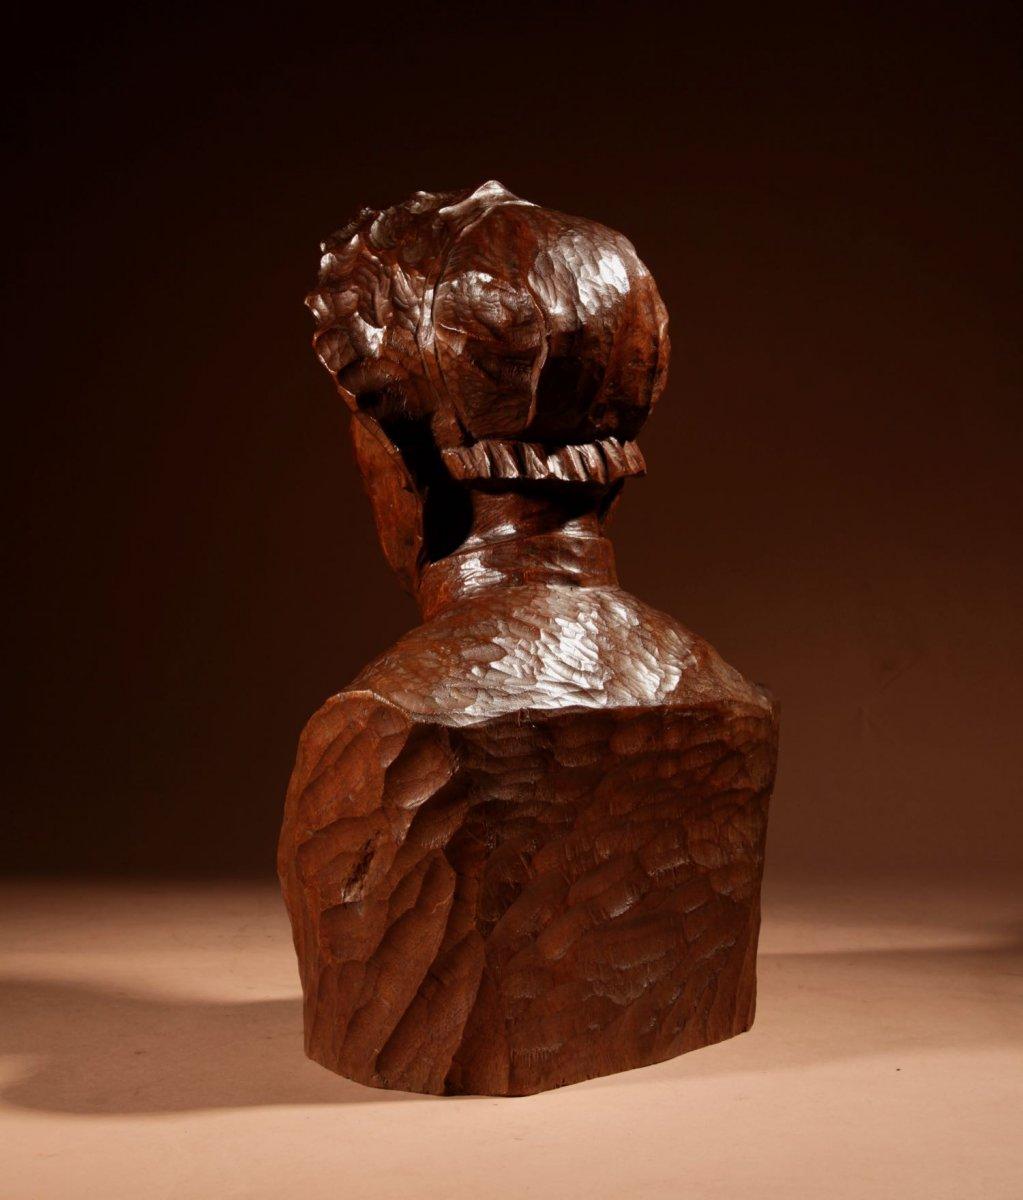 Un Beau Buste Expressif Sculpté an Bois  d'Une Femme, Signé B.tuerlinckx = Boudewijn Tuerlinckx (mechele-photo-5